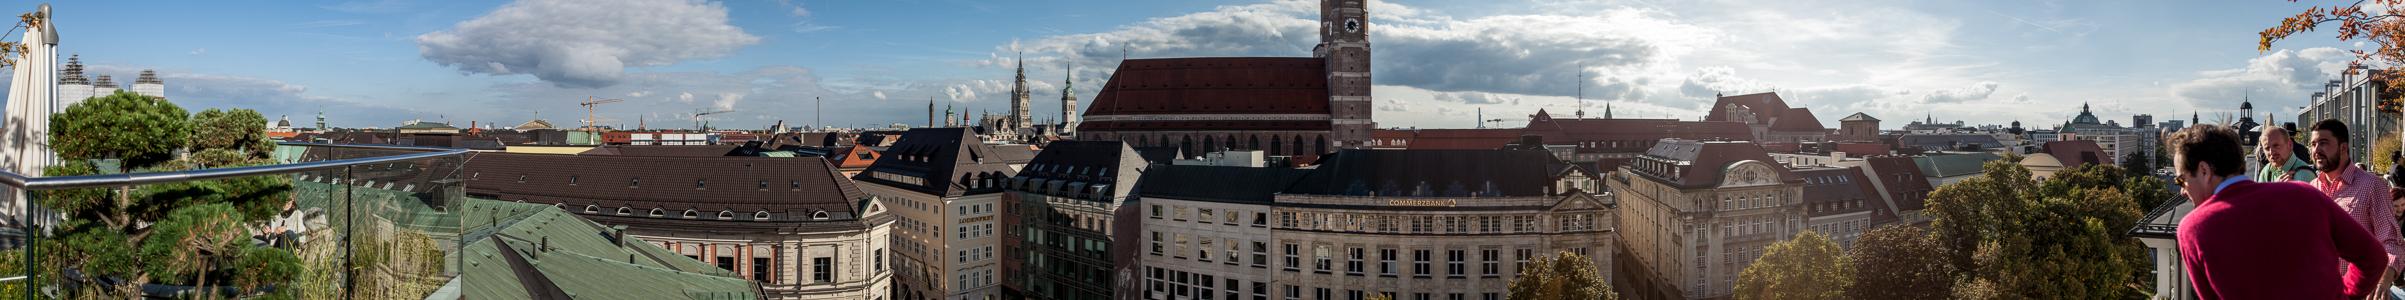 München Blick von der Dachterasse des Hotels Bayerischer Hof